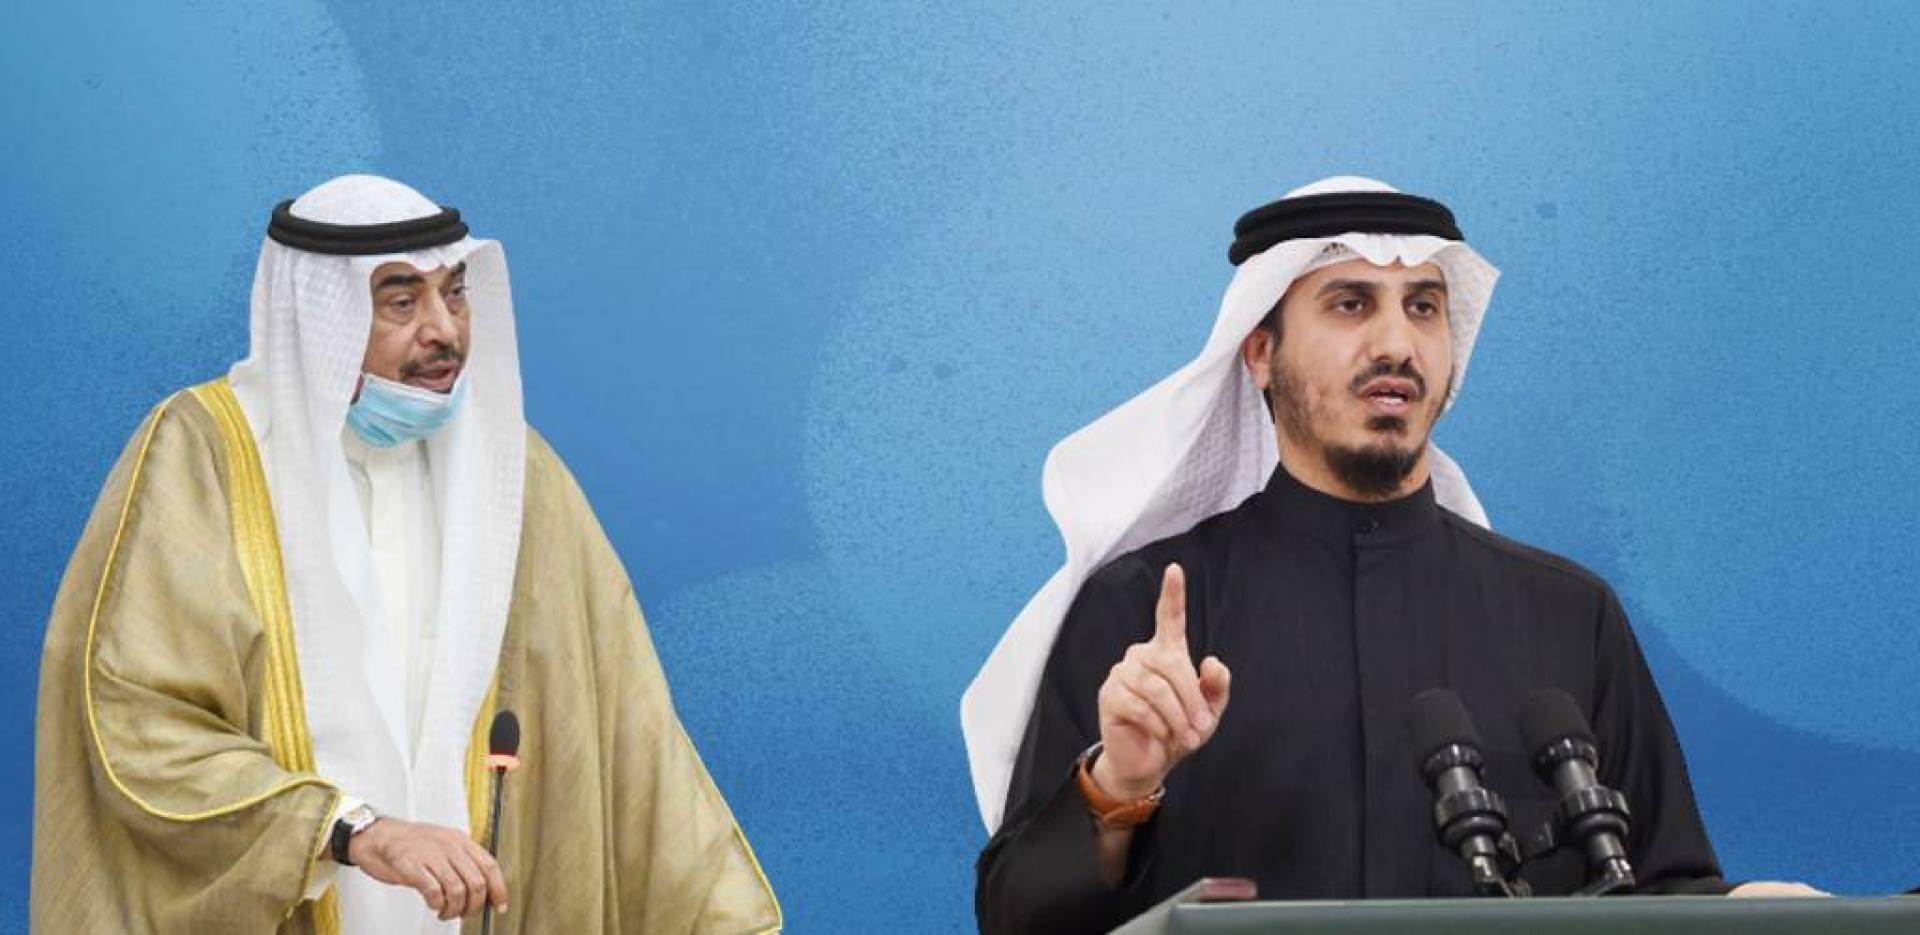 الداهوم: على رئيس الحكومة احترام الدستور